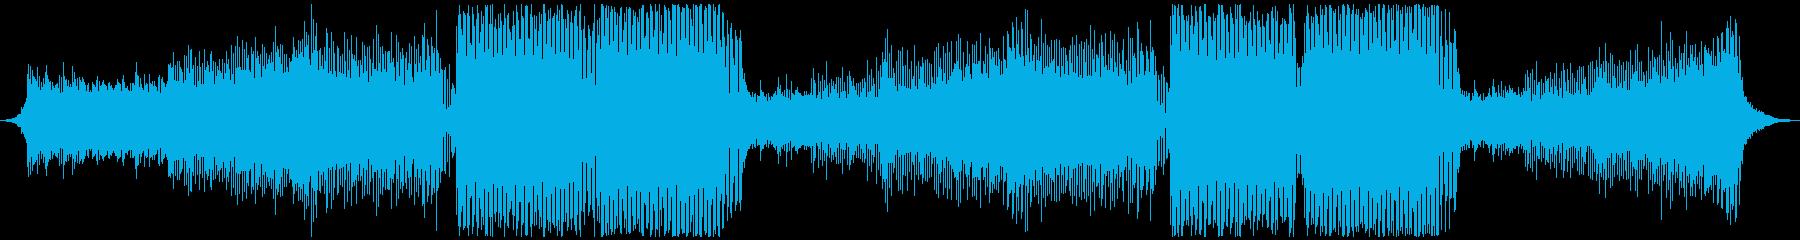 近未来、疾走感、夜空をイメージしたEDMの再生済みの波形